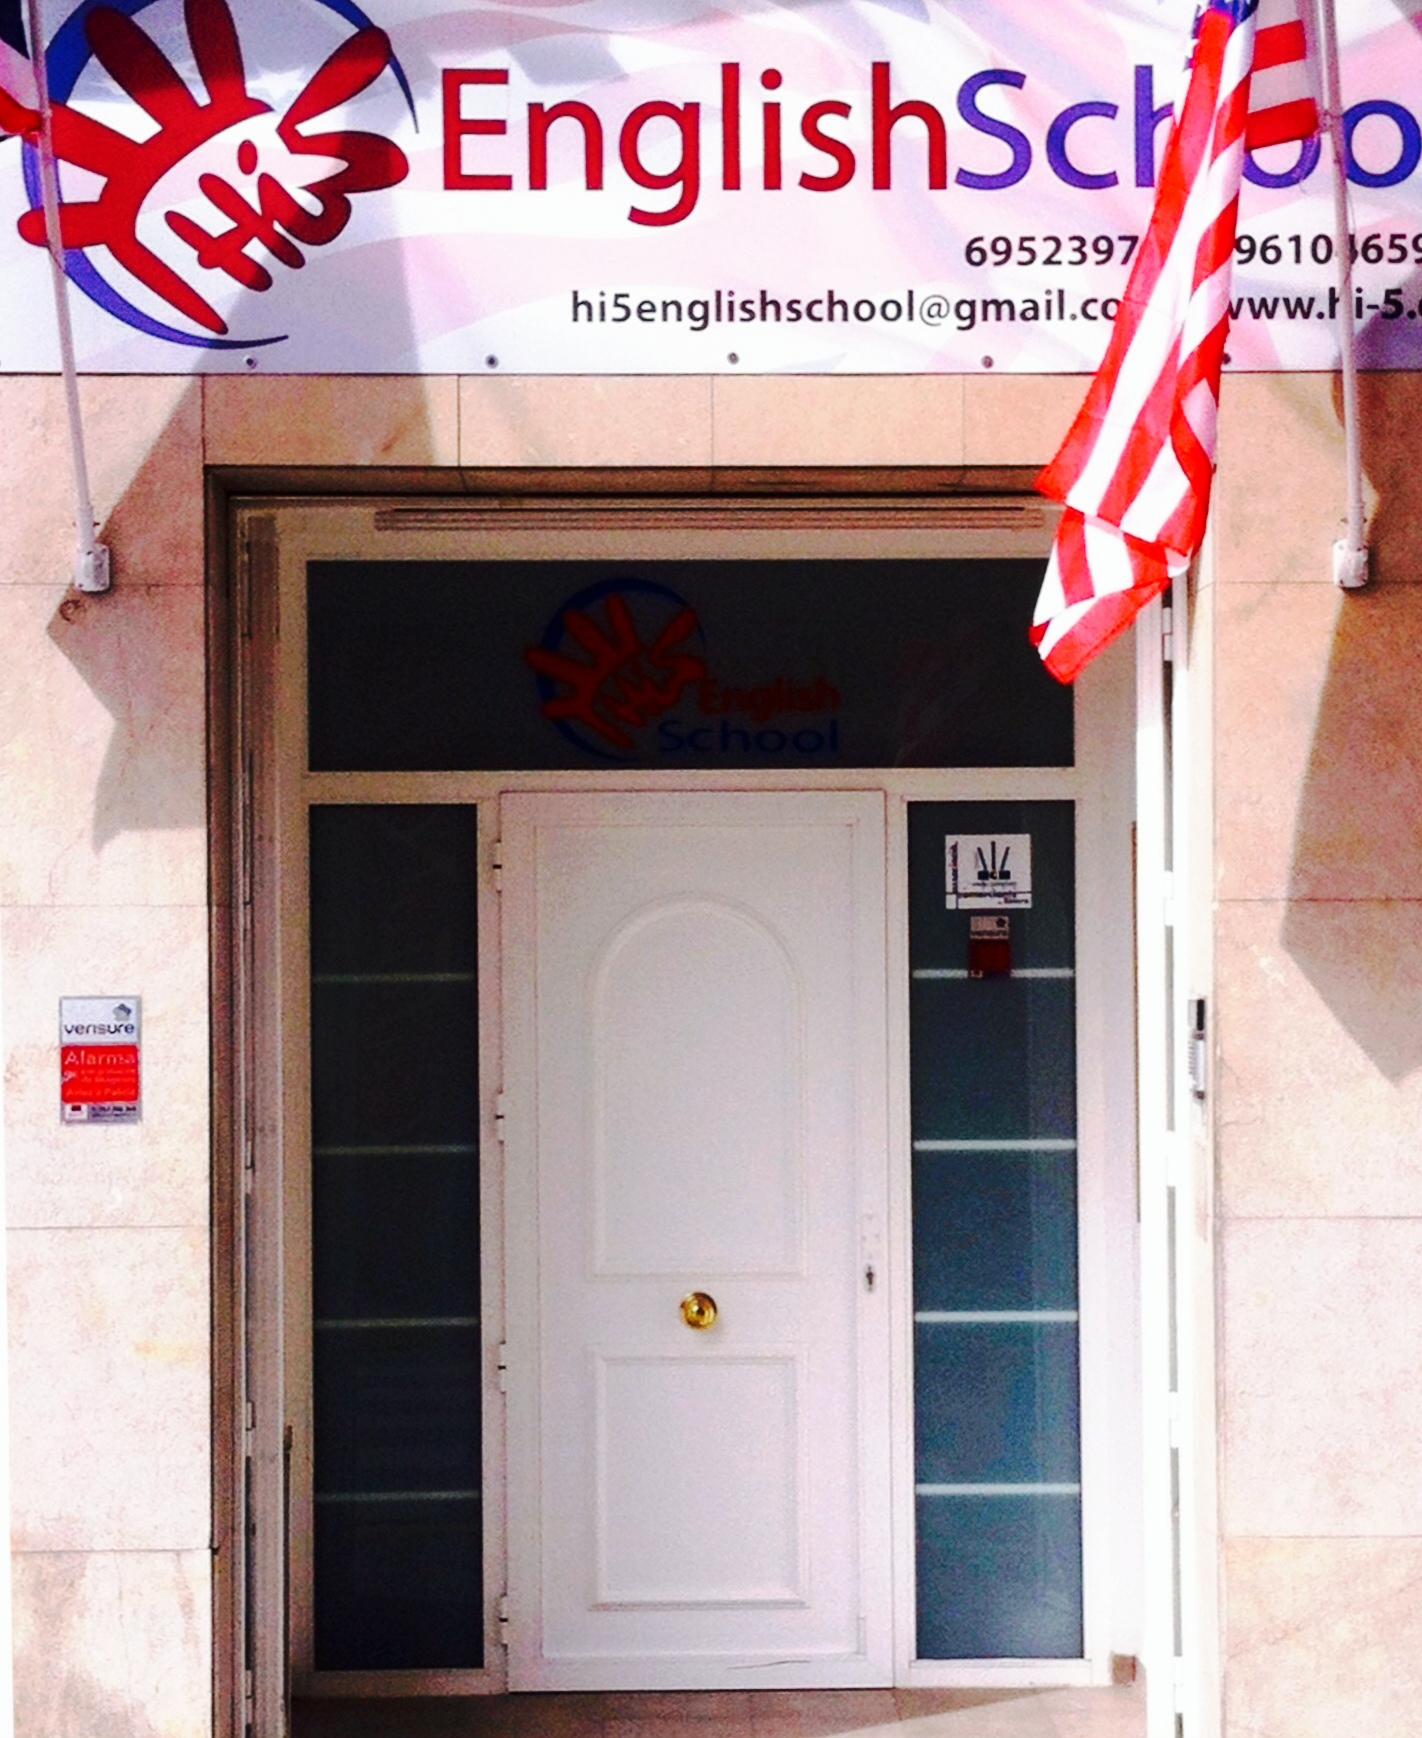 Hi 5 English School